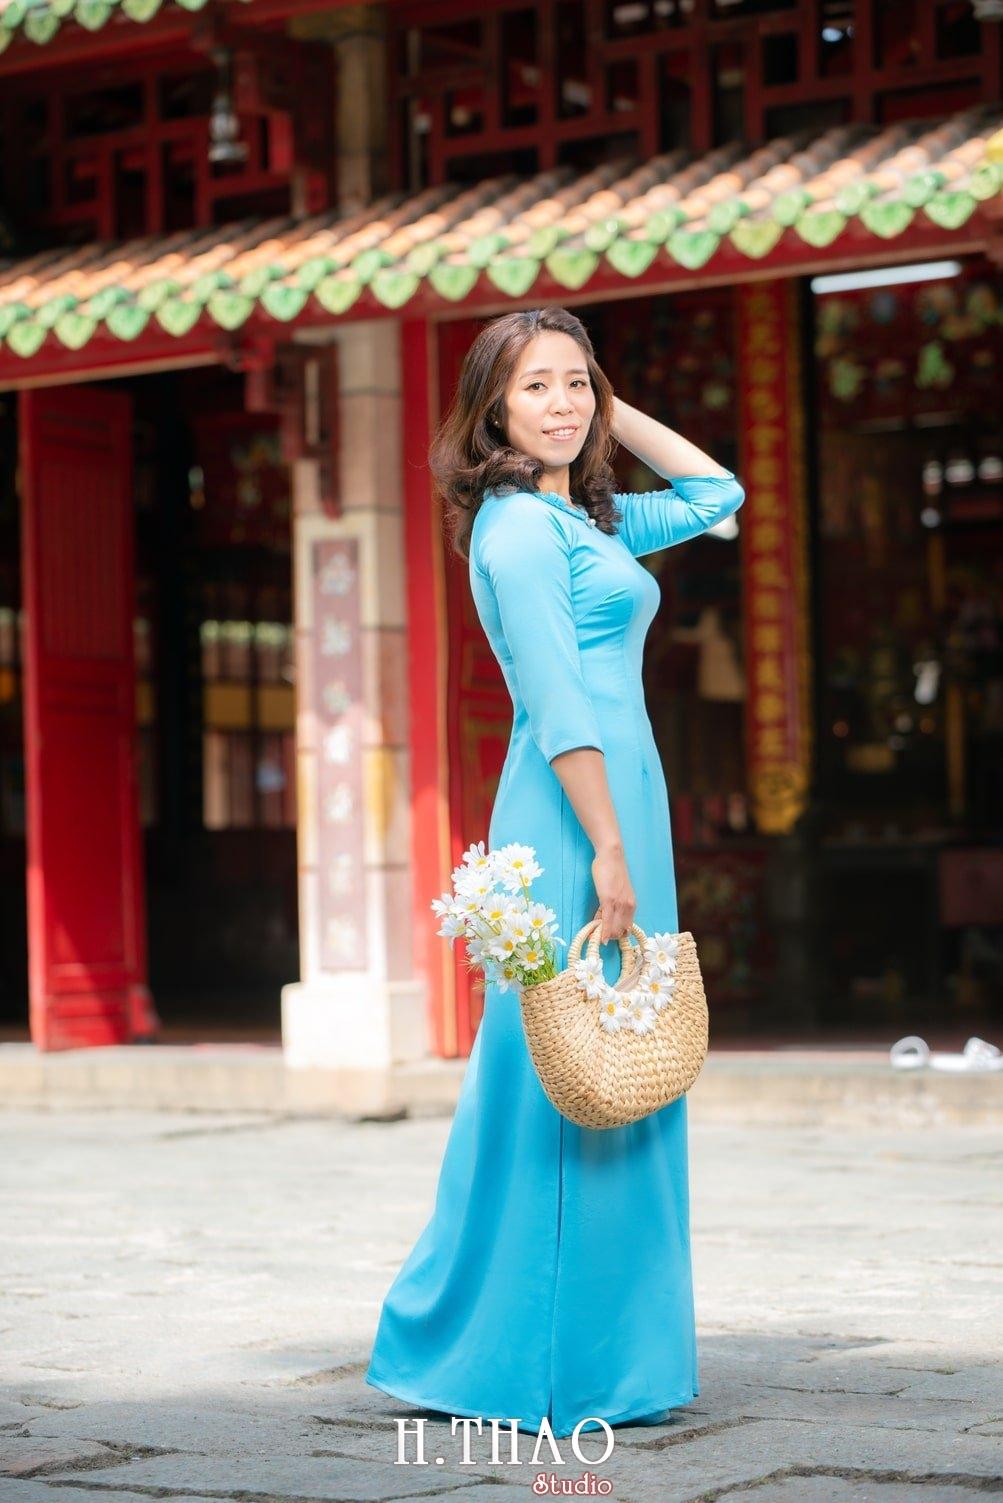 Ao dai lang ong ba chieu 20 - Album áo dài lăng ông bà chiểu chị Oanh - HThao Studio